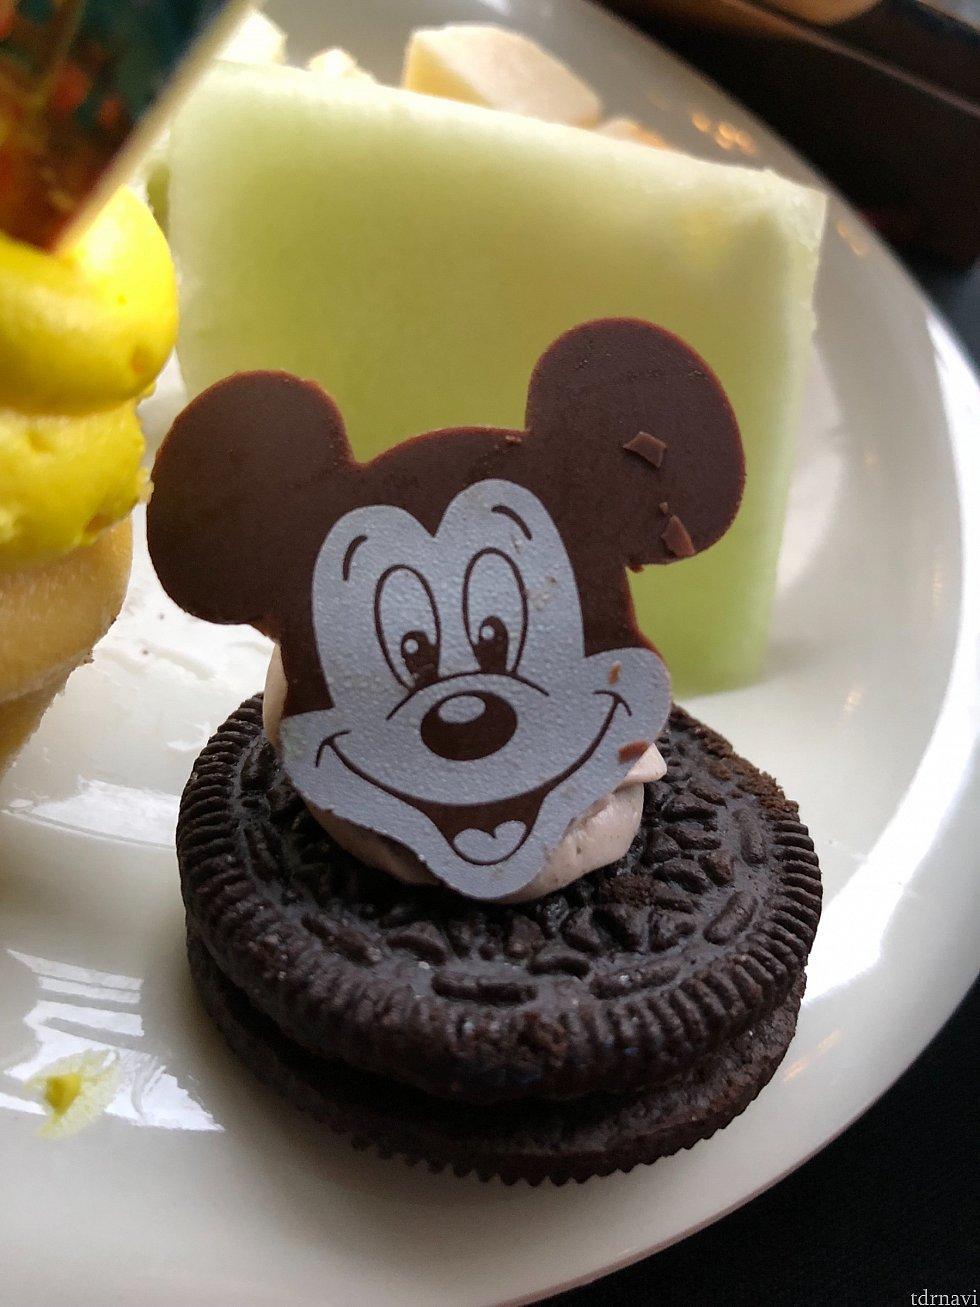 ミッキーオレオとかいてありました。 ちょっと食べるのがもったいない笑